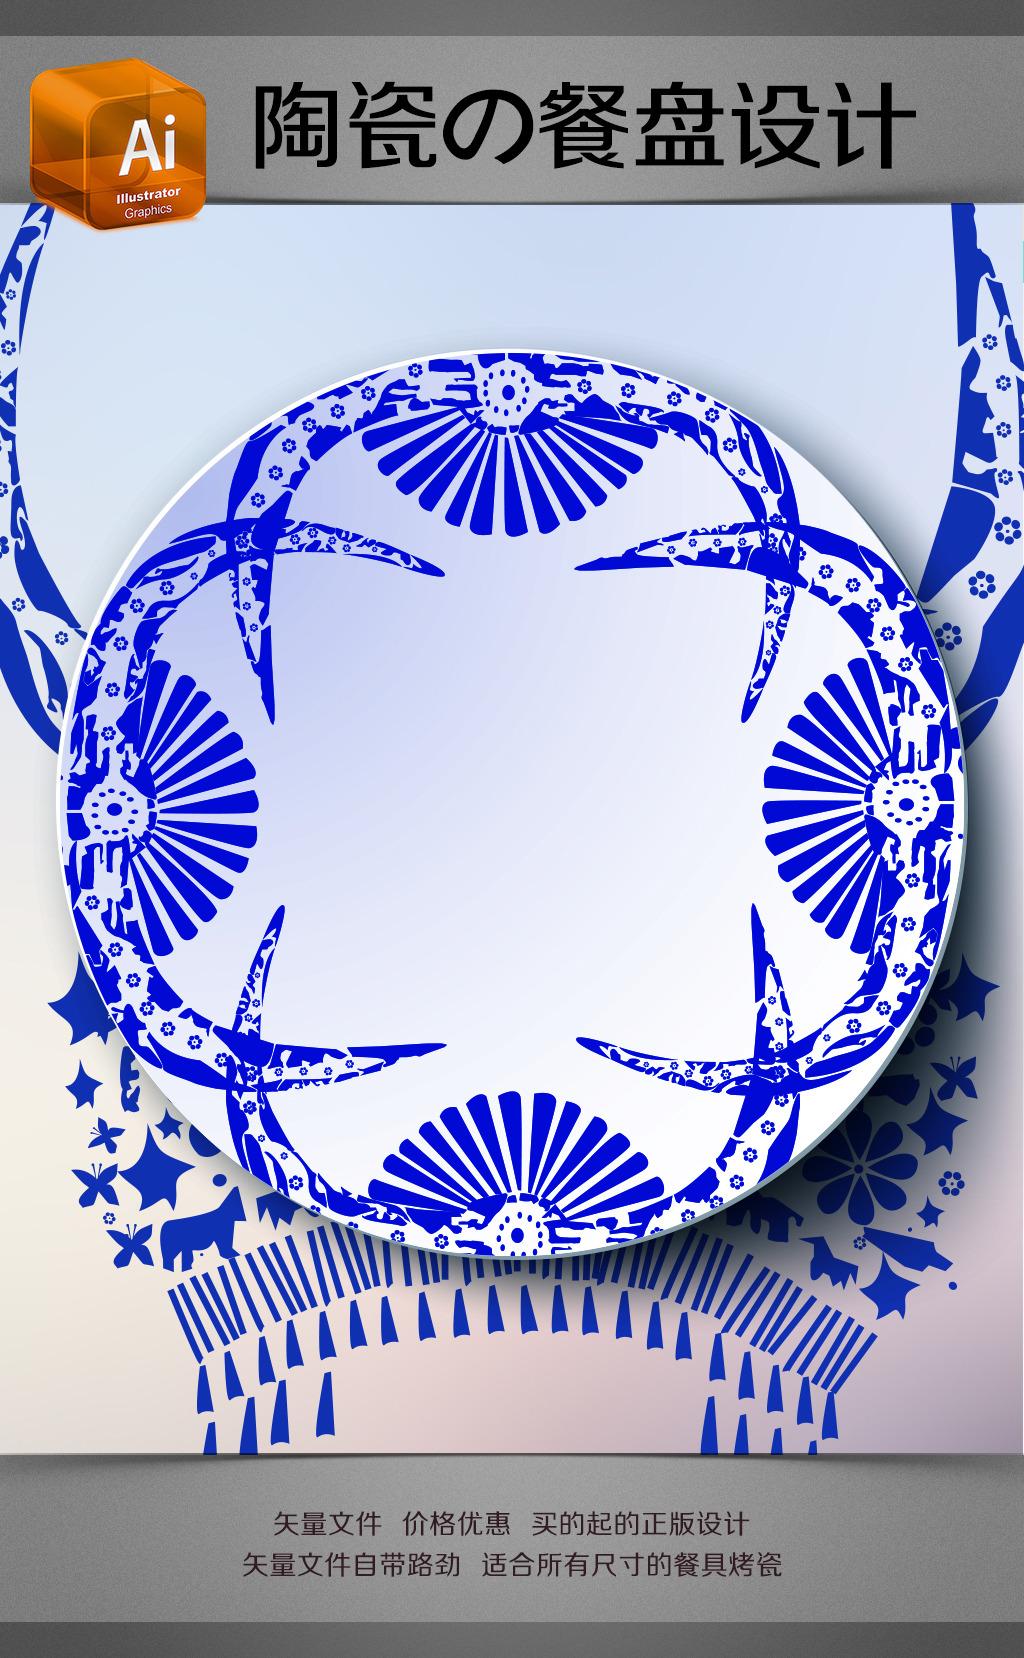 青花瓷餐盘图片简易画_青花瓷名族图腾餐盘设计模板 ...